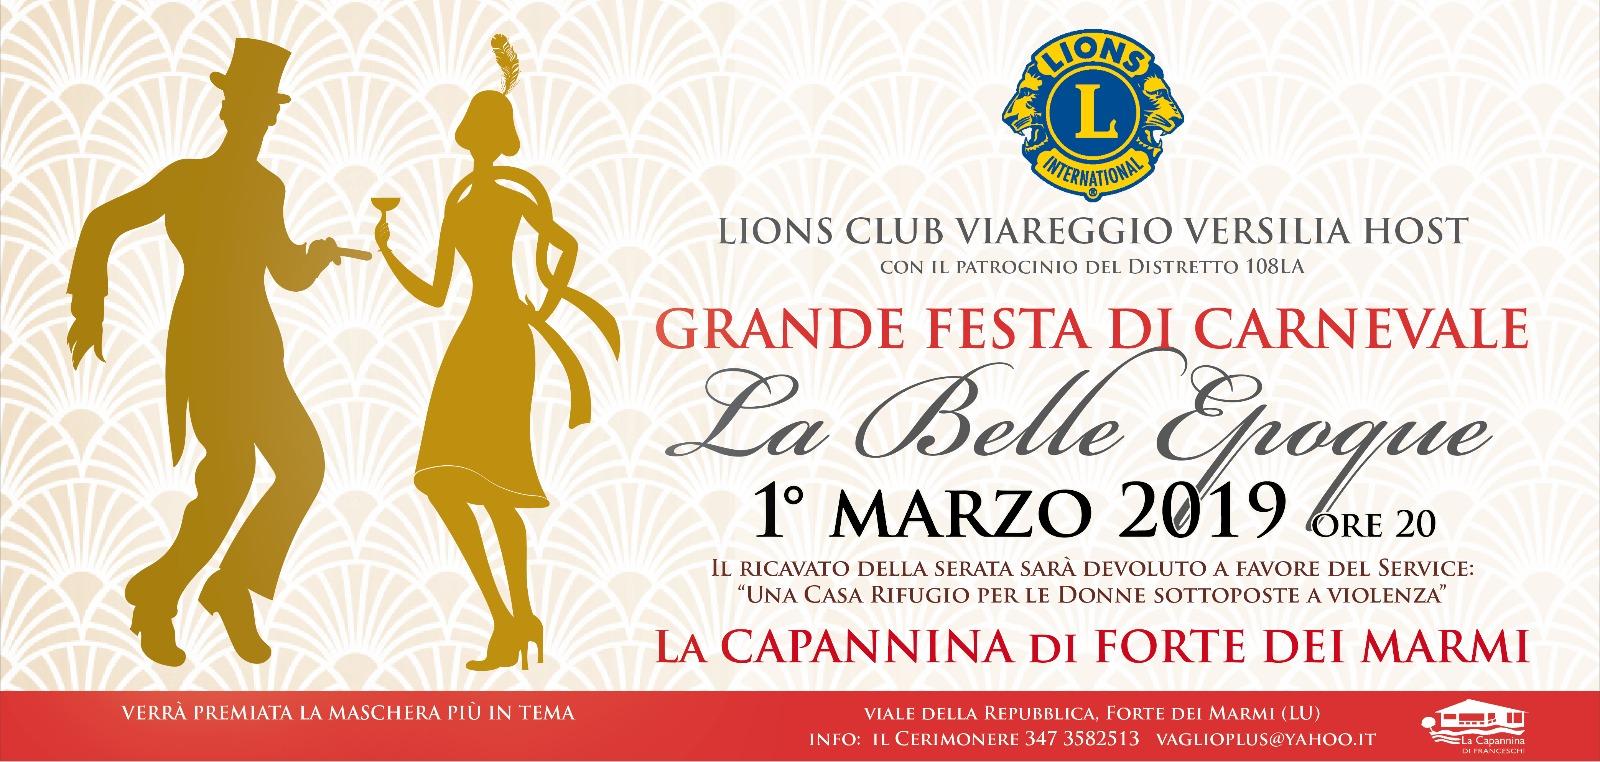 Calendario Carnevale Viareggio 2020.Festa Di Carnevale Alla Capannina Di Franceschi Lions